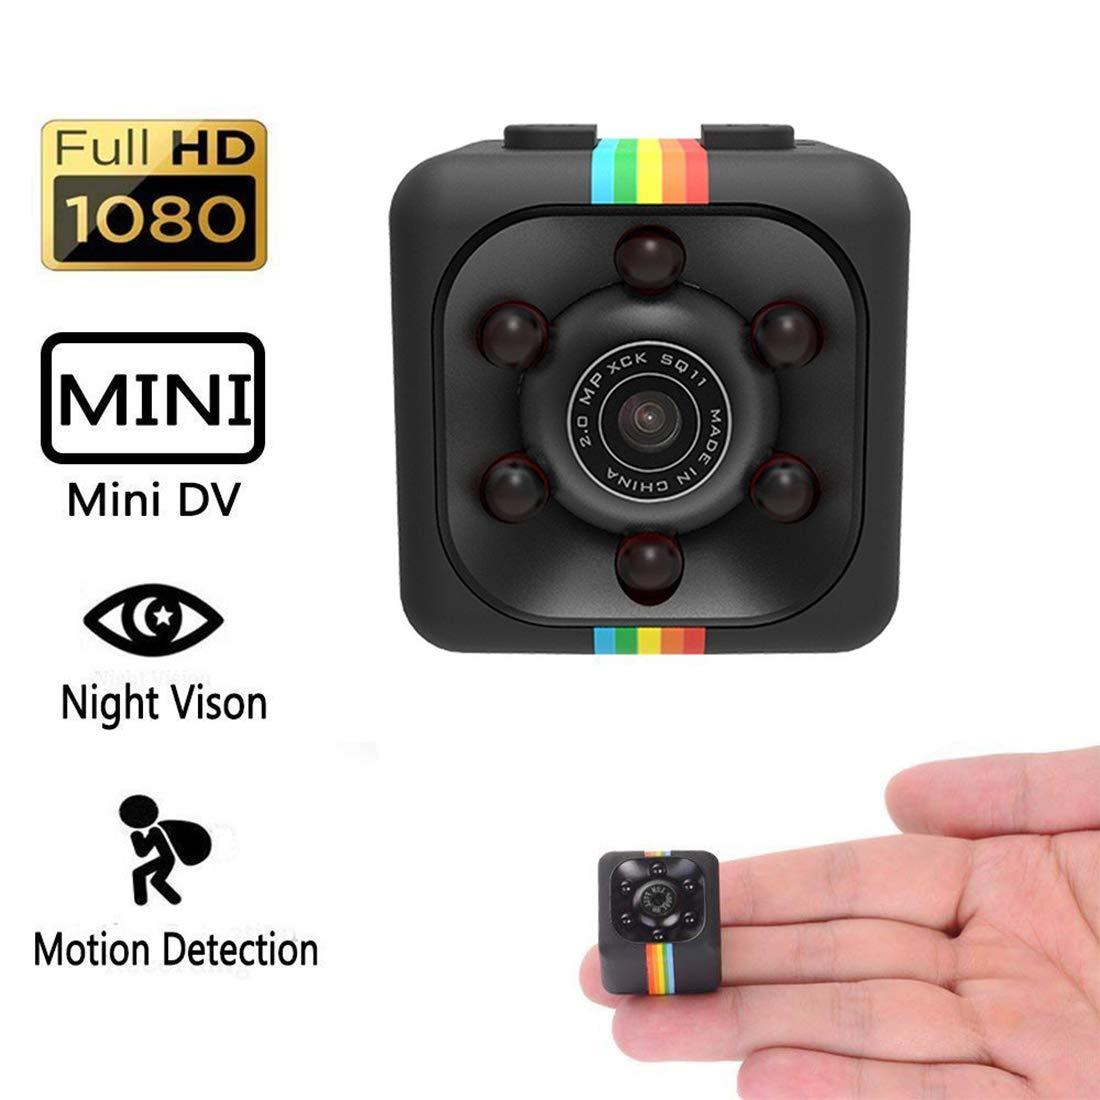 YOMYM Caméra Cachée 1080P Mini Caméra Espion Portable HD Nanny avec Vision Nocturne et Détection de Mouvement pour Caméra de Surveillance de Sécurité Intérieure/Extérieure (Noir-02)